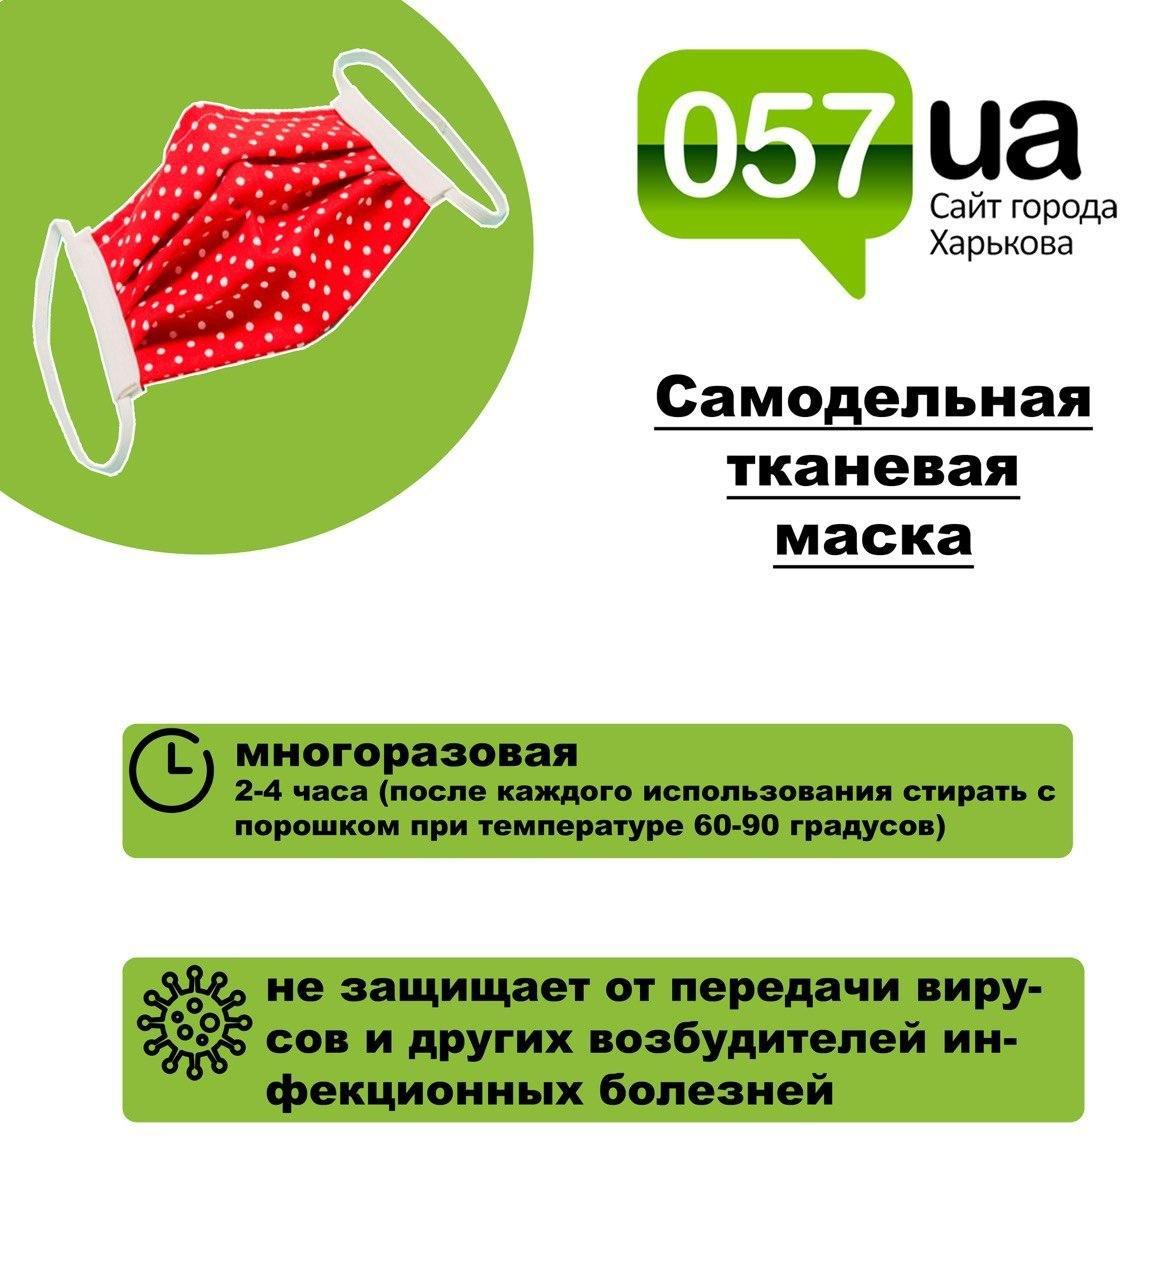 ТОП-5 видов защитных масок: насколько они помогают и чем отличаются, - ФОТО, фото-1